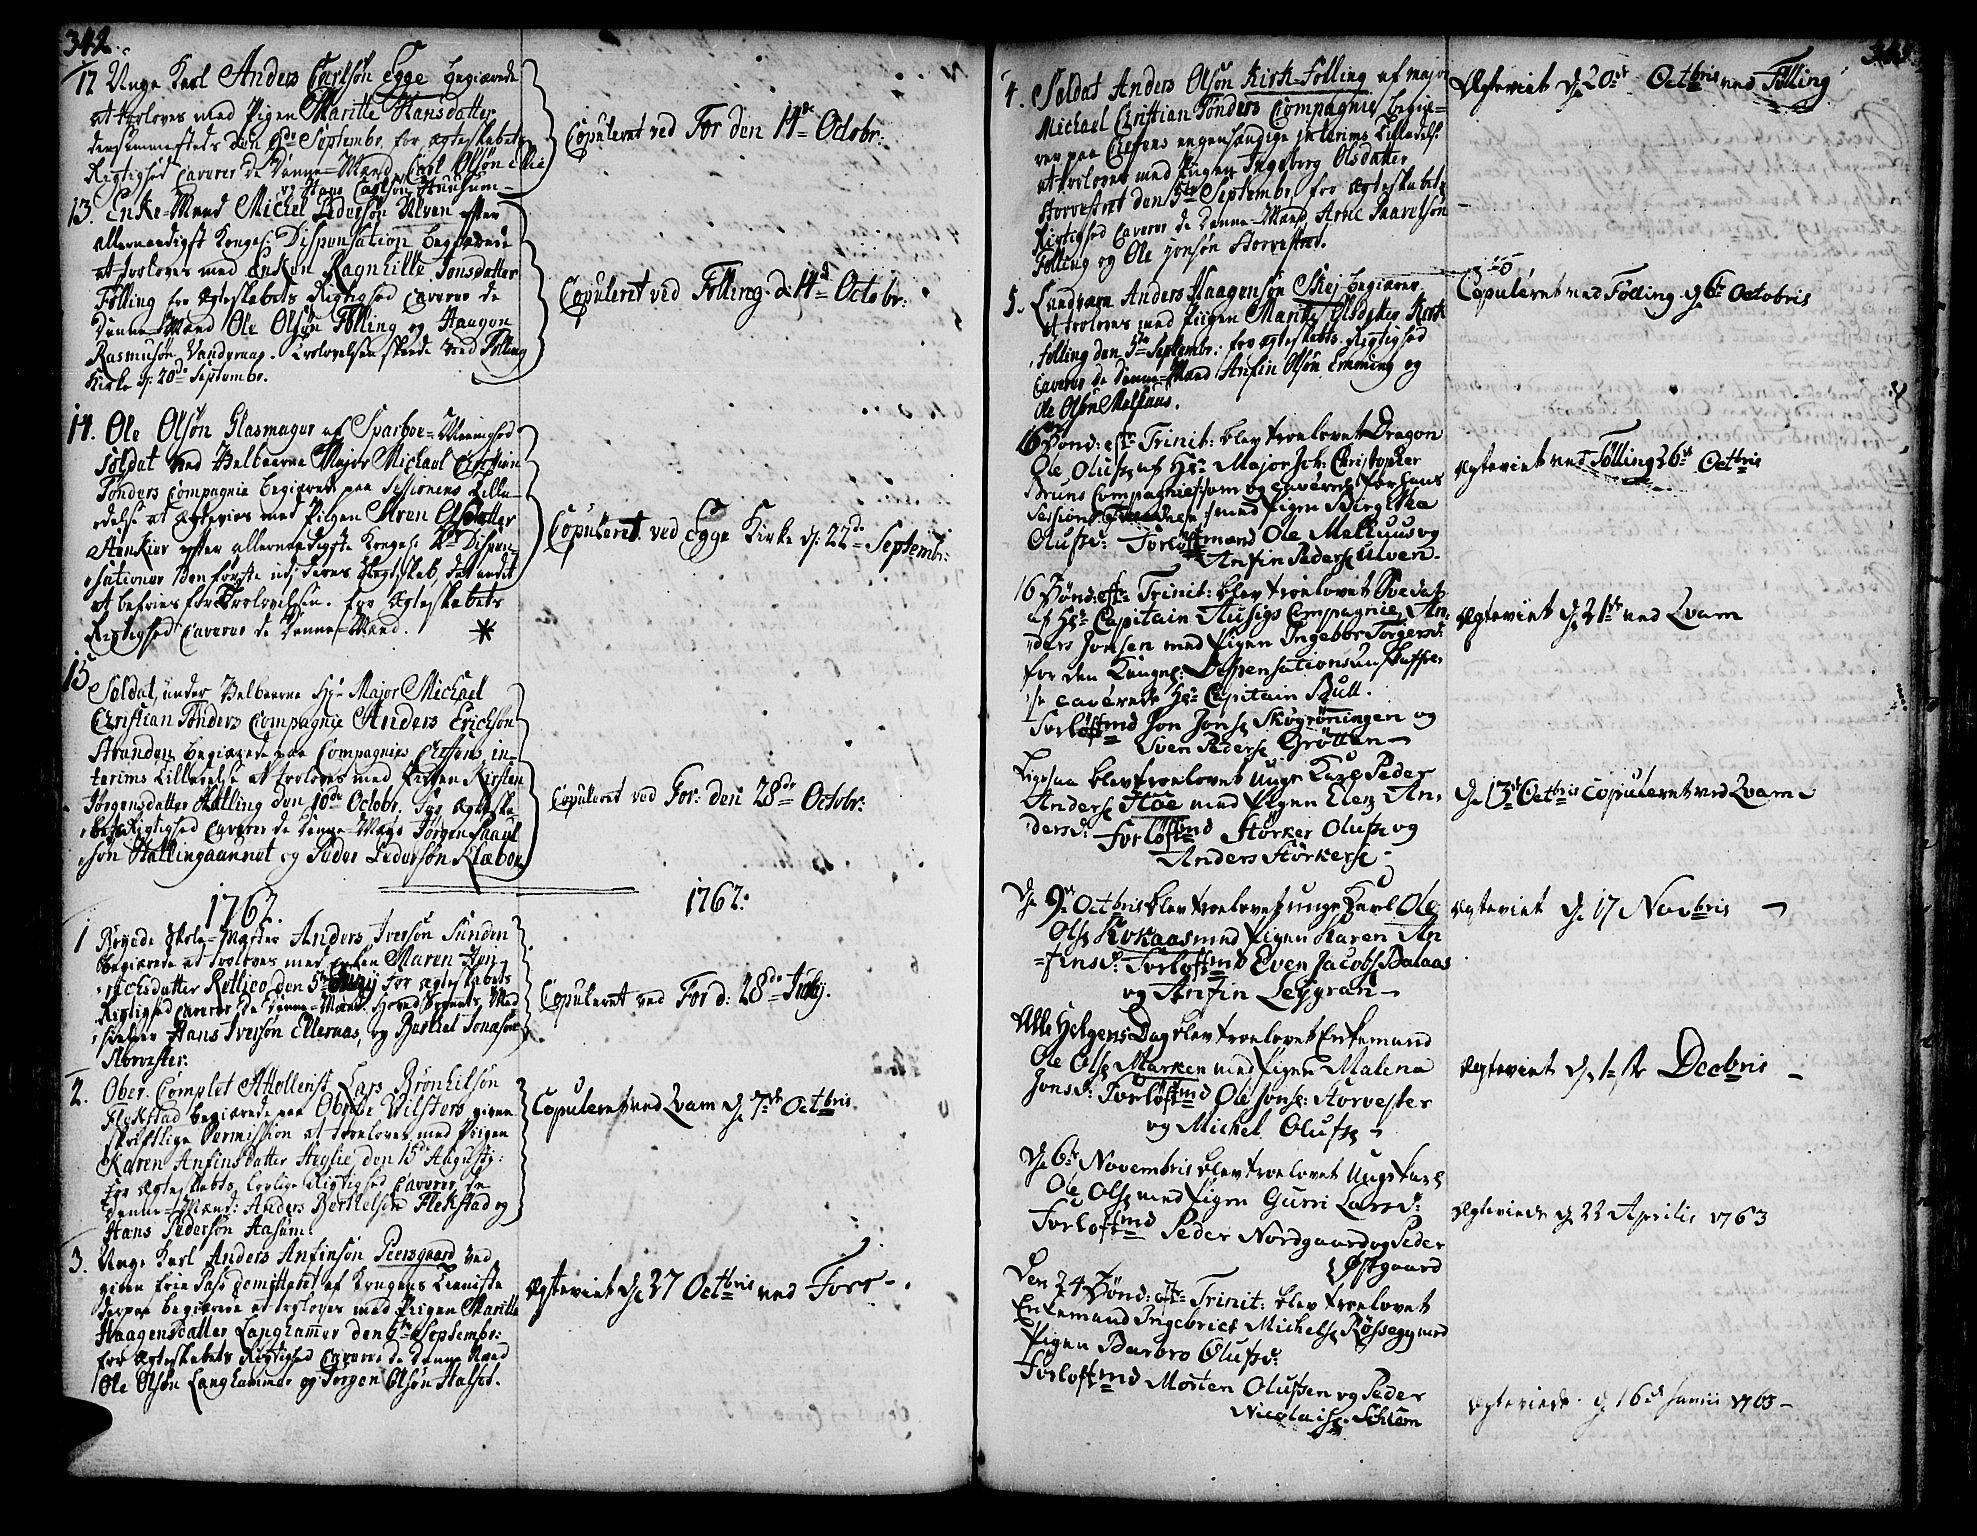 SAT, Ministerialprotokoller, klokkerbøker og fødselsregistre - Nord-Trøndelag, 746/L0440: Ministerialbok nr. 746A02, 1760-1815, s. 342-343